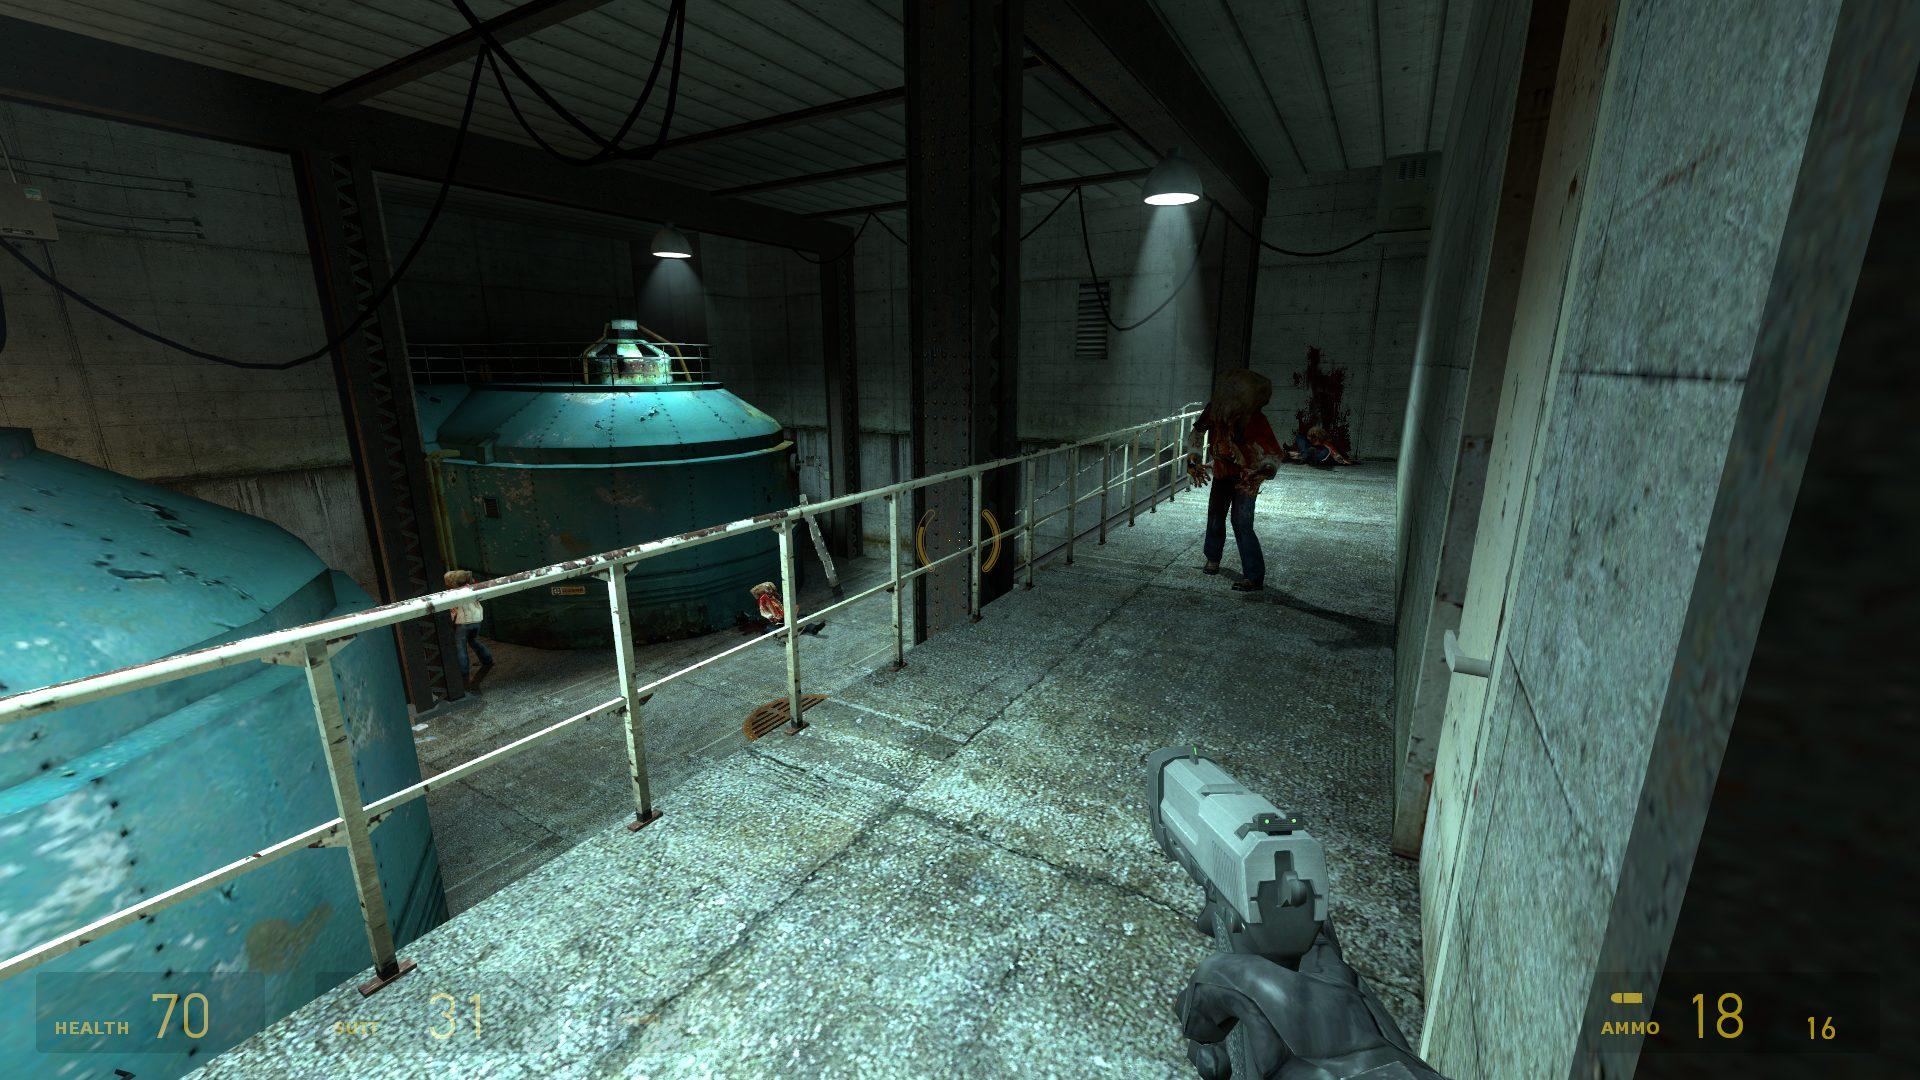 Die Levels und Szenerien erinnern sehr stark an das Original Half-Life 2. (Bild: Robert Reiche)